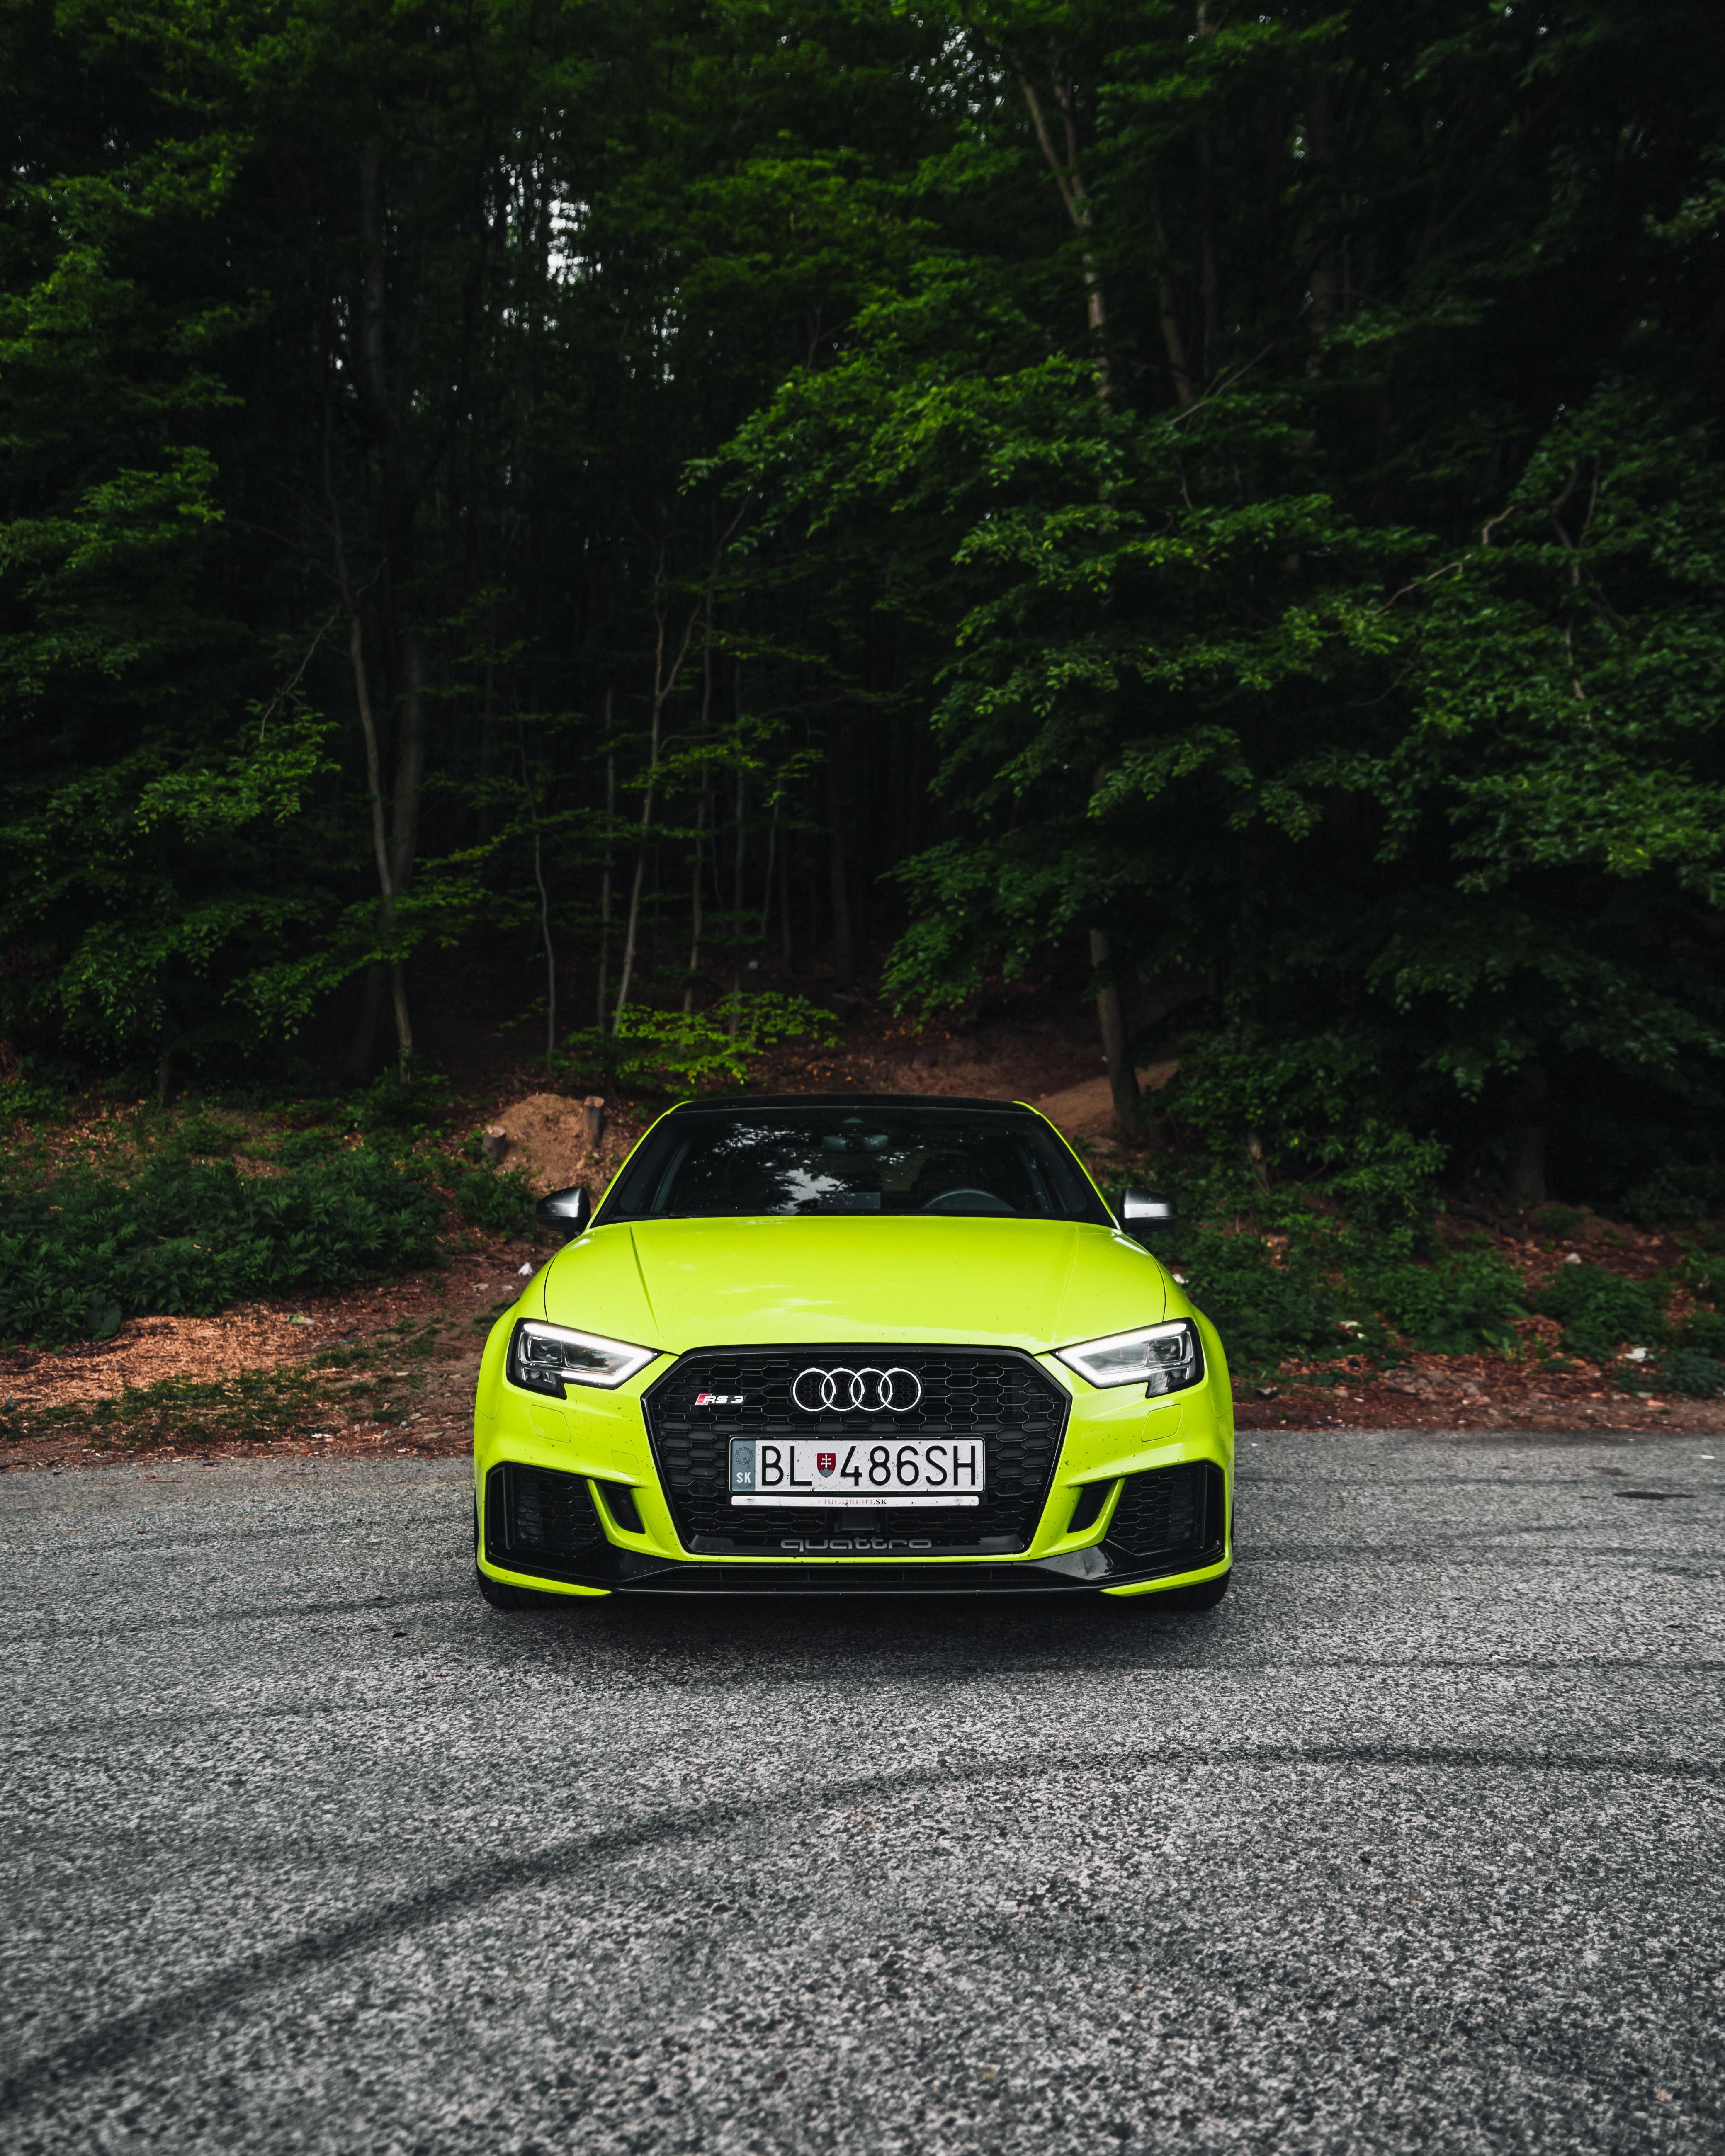 136857 скачать обои Ауди (Audi), Тачки (Cars), Автомобиль, Вид Спереди, Спорткар, Зеленый, Audi Rs4 - заставки и картинки бесплатно